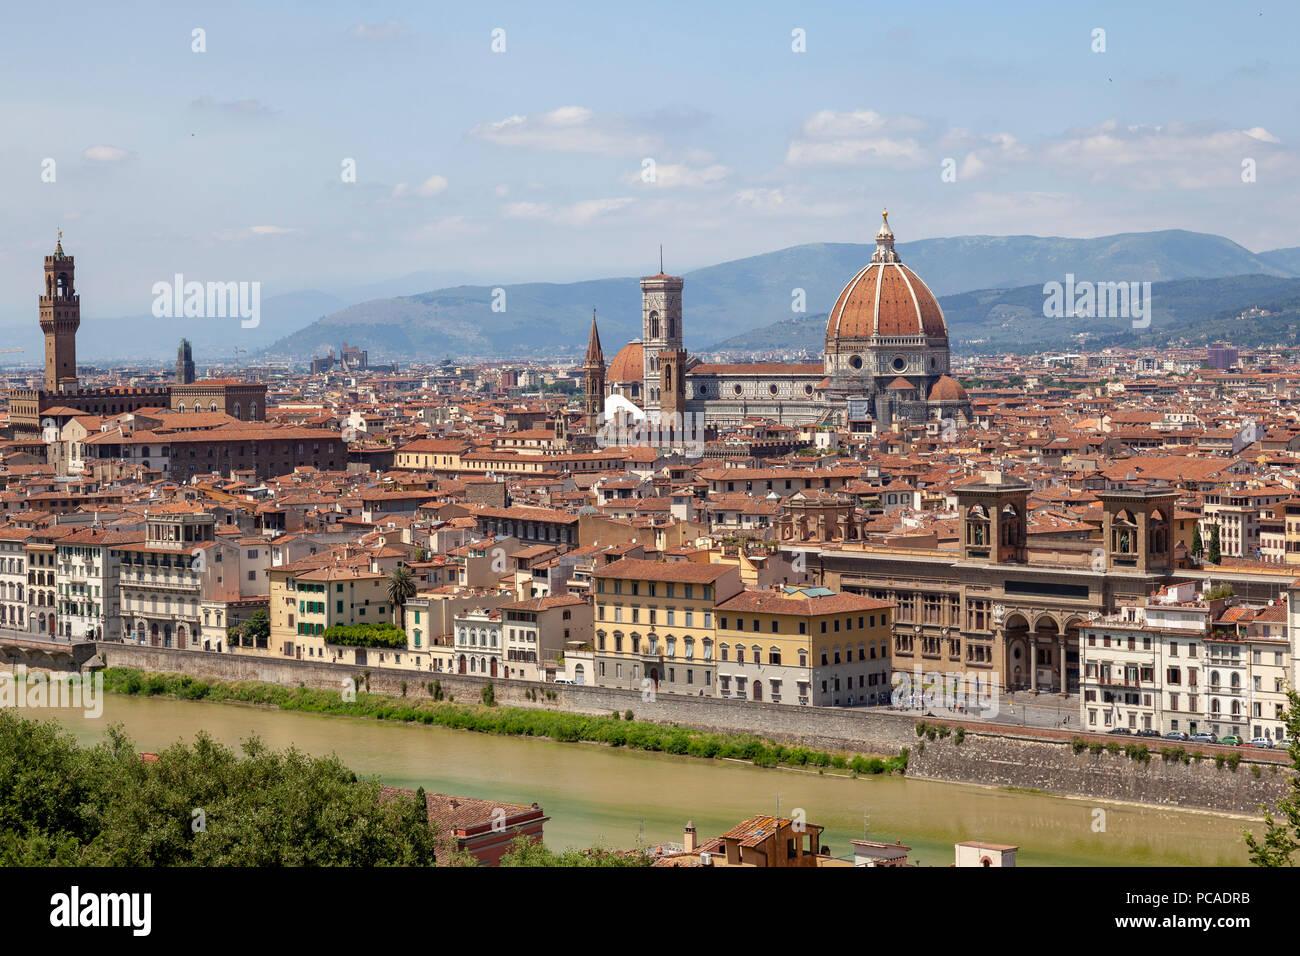 Eine Ansicht aus der Sicht der MichelAngelo Platz genommen und Fokussierung der historischen Zentrum von Florenz. Stockbild